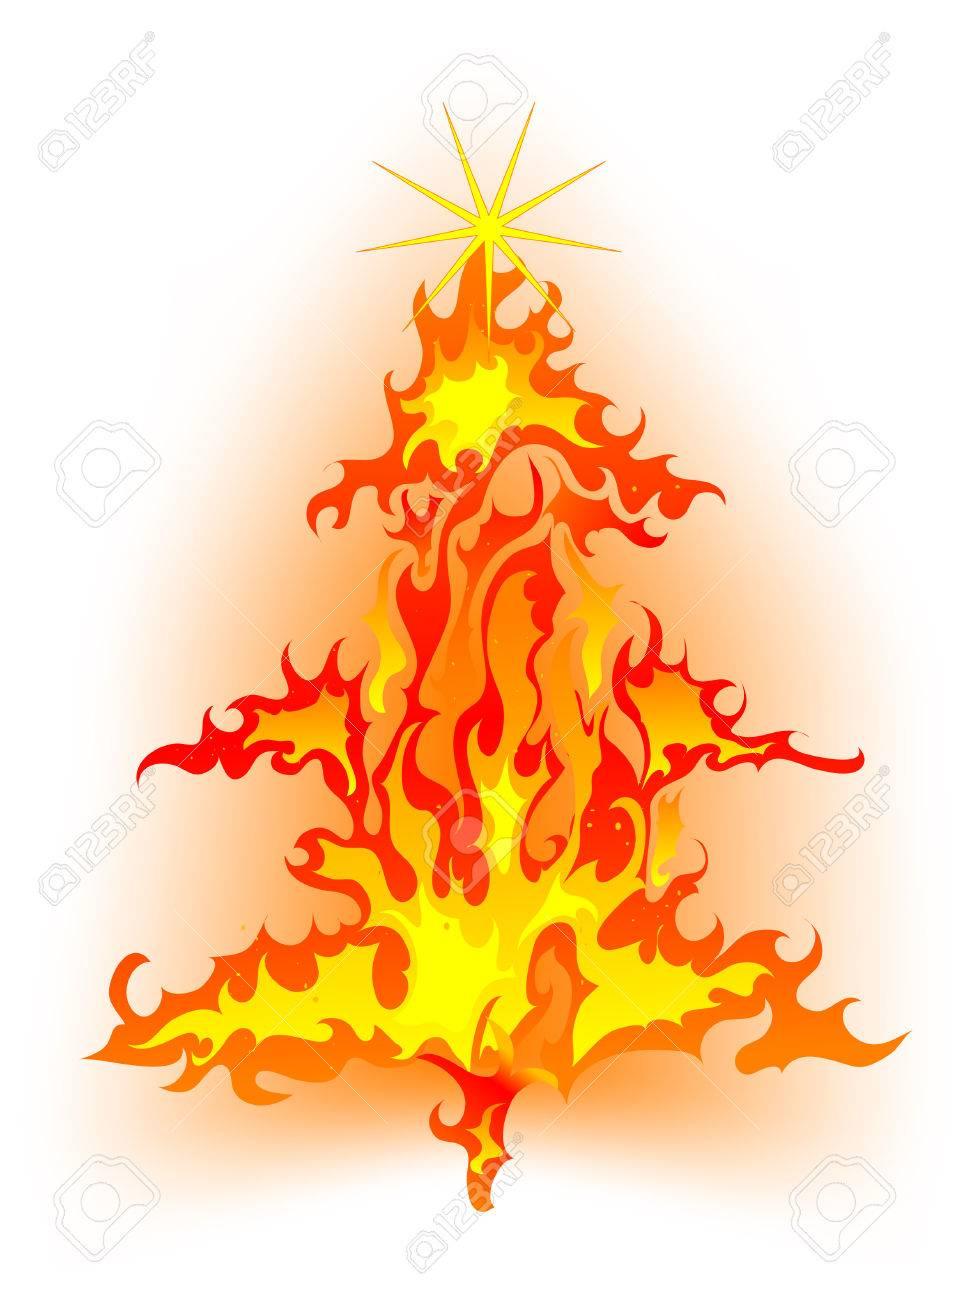 Burning Christmas Tree.Burning Christmas Tree Abstract Vector Illustration